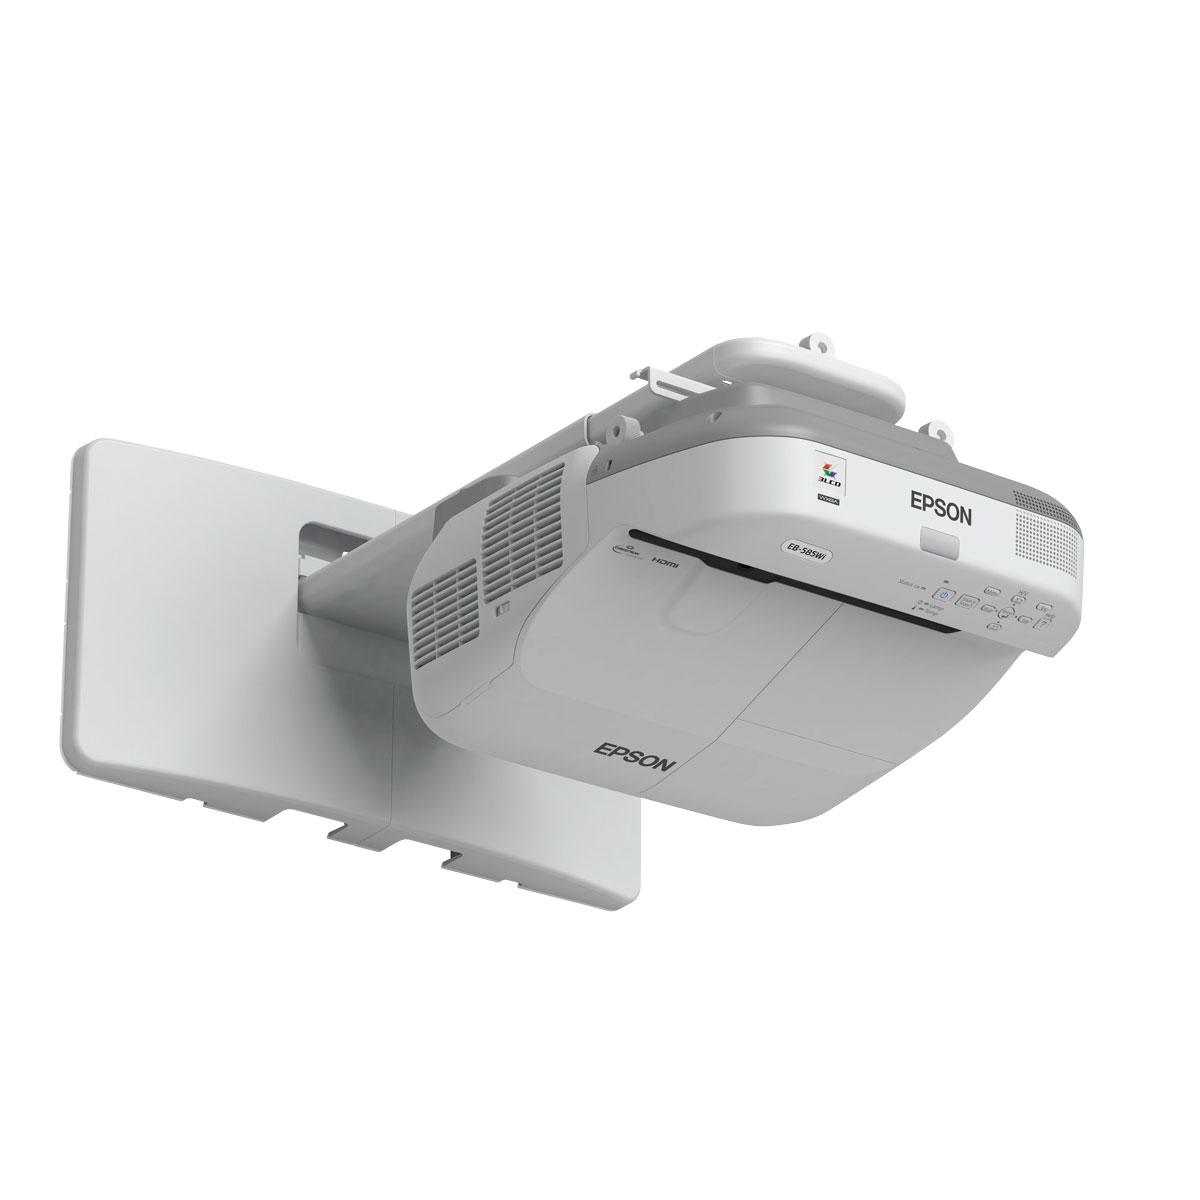 Vidéoprojecteur Epson EB-585W Vidéoprojecteur 3LCD WXGA 3300 Lumens (garantie constructeur 2 ans/lampe 1 an)